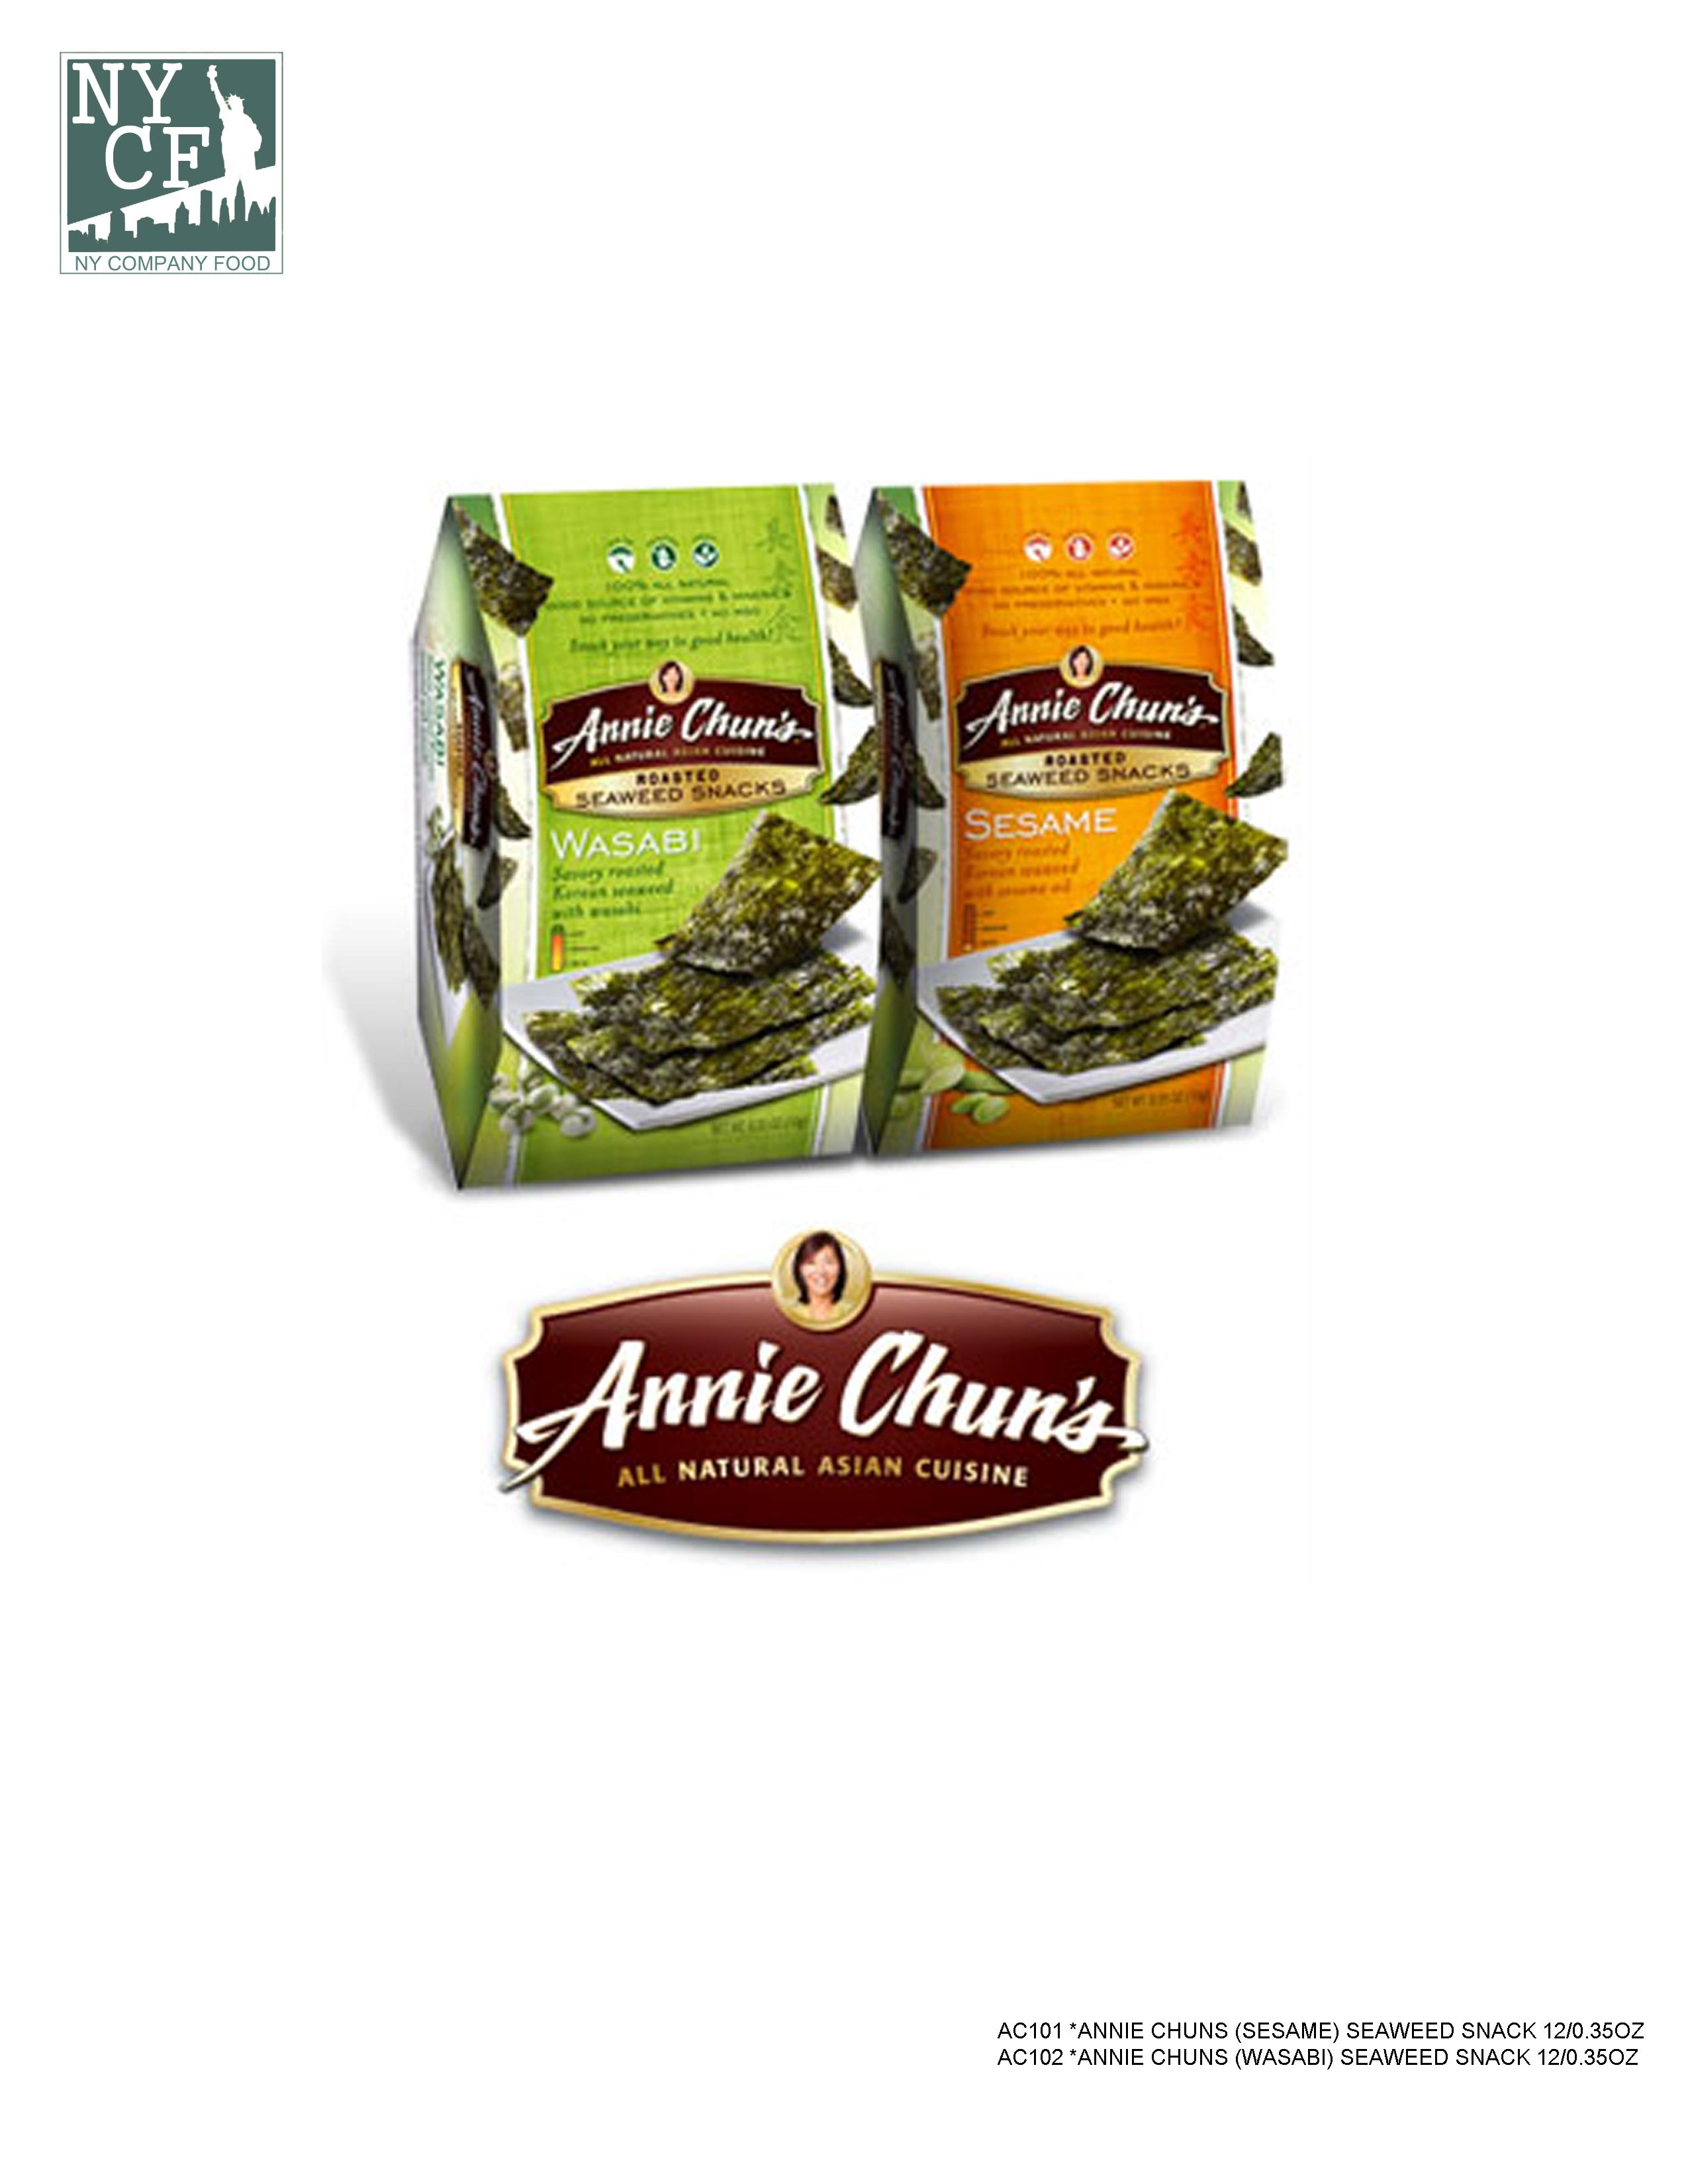 ANNIE CHUNS